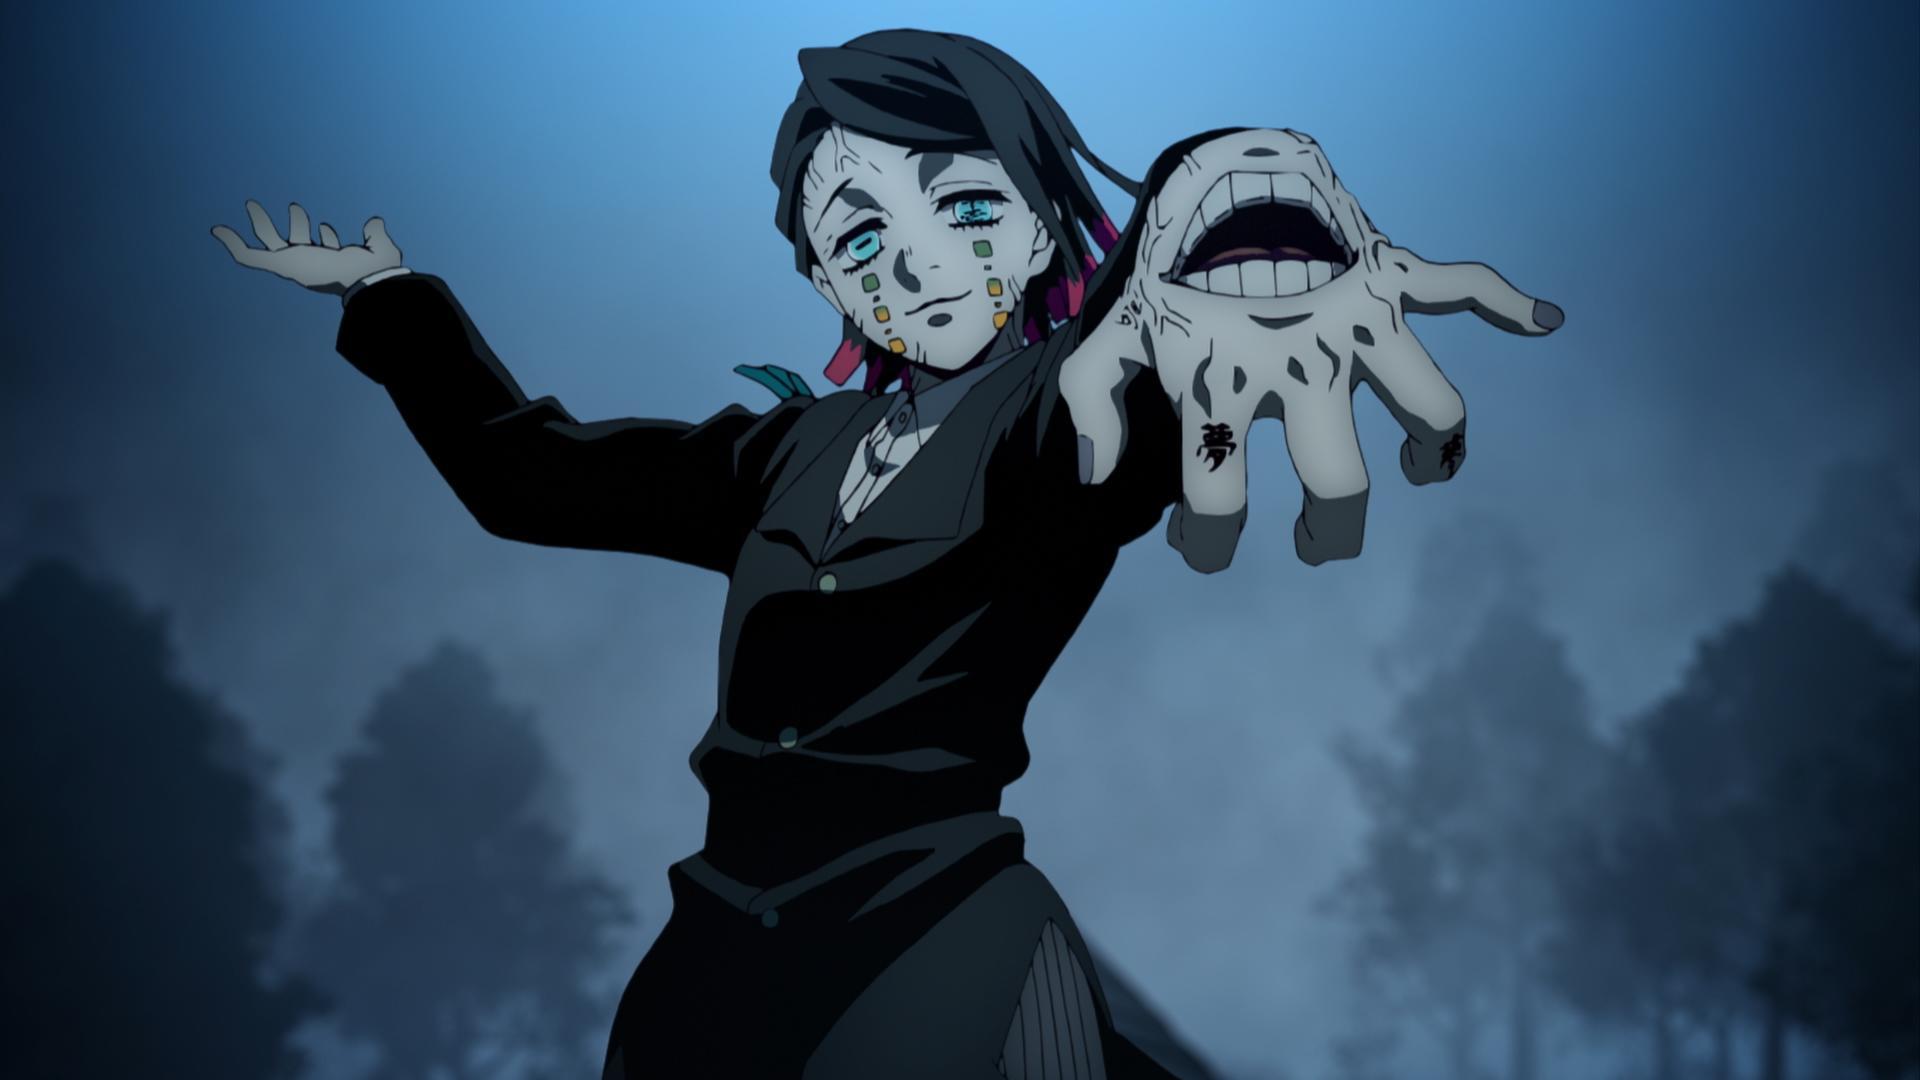 Demon Slayer» : c'est quoi ce dessin animé japonais qui s'annonce comme un  gros carton ? - Le Parisien